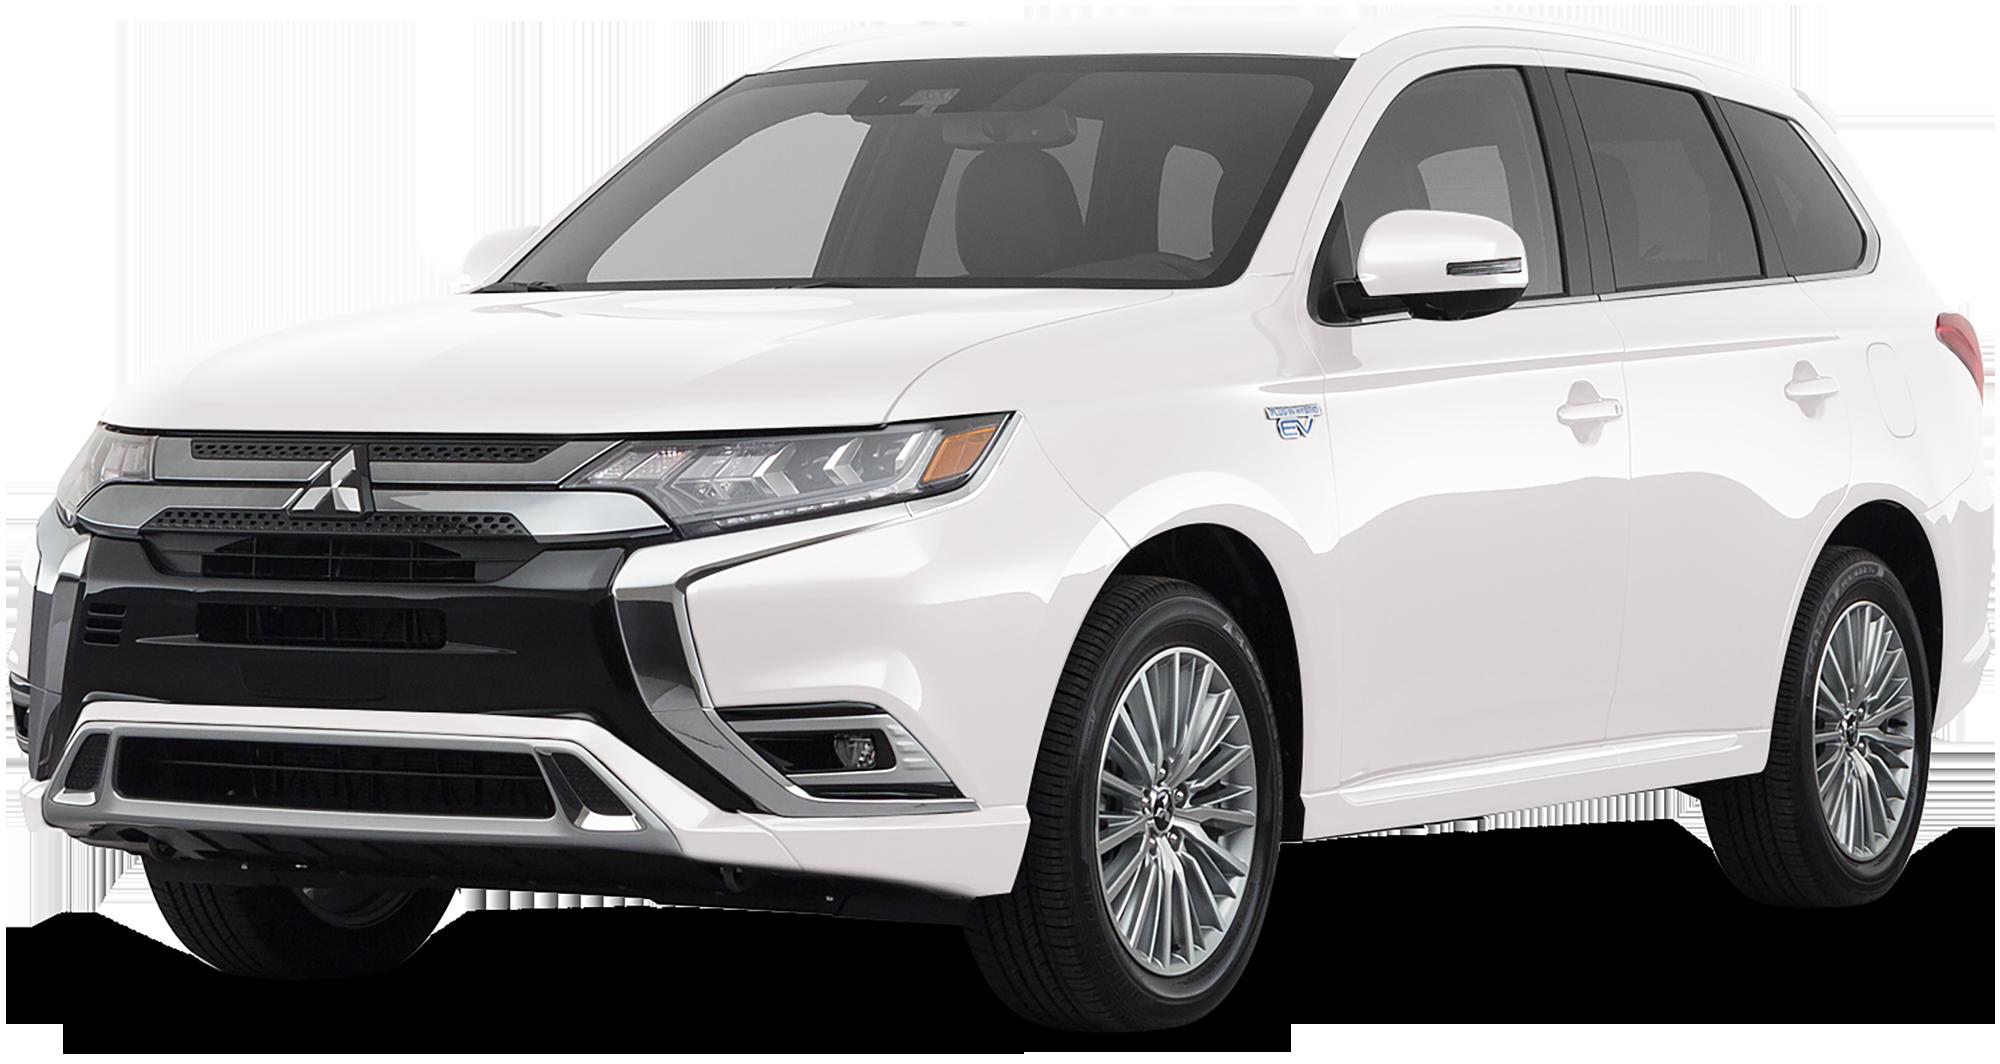 West Loop Mitsubishi San Antonio Tx >> 2020 Mitsubishi Outlander PHEV Incentives, Specials & Offers in SAN ANTONIO TX